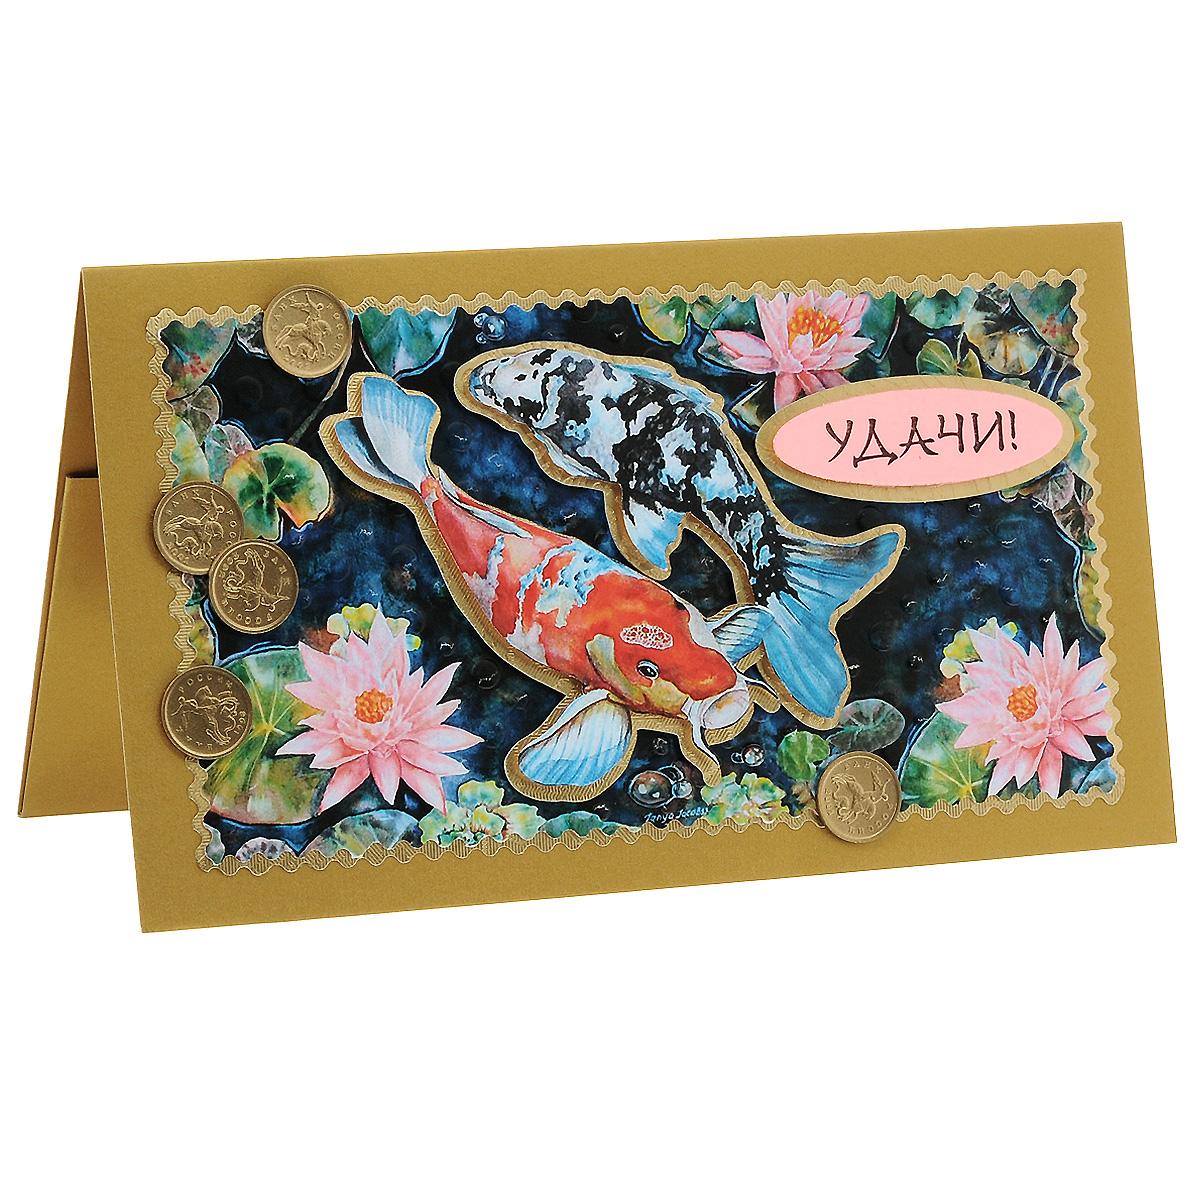 ОРАЗ-0002 Открытка-конверт «Удачи!» (карпы). Студия «Тётя Роза»94993Характеристики: Размер 19 см x 11 см.Материал: Высоко-художественный картон, бумага, декор. Данная открытка может стать как прекрасным дополнением к вашему подарку, так и самостоятельным подарком. Так как открытка является и конвертом, в который вы можете вложить ваш денежный подарок или просто написать ваши пожелания на вкладыше. Очень яркая и праздничная открытка с пожеланиями удачи! Все восточные символы удачи изображены на лицевой части. Многозначность семиотических смыслов несет в себе каждый элемент открытки. Также открытка упакована в пакетик для сохранности.Обращаем Ваше внимание на то, что открытка может незначительно отличаться от представленной на фото.Открытки ручной работы от студии Тётя Роза отличаются своим неповторимым и ярким стилем. Каждая уникальна и выполнена вручную мастерами студии. (Открытка для мужчин, открытка для женщины, открытка на день рождения, открытка с днем свадьбы, открытка винтаж, открытка с юбилеем, открытка на все случаи, скрапбукинг)